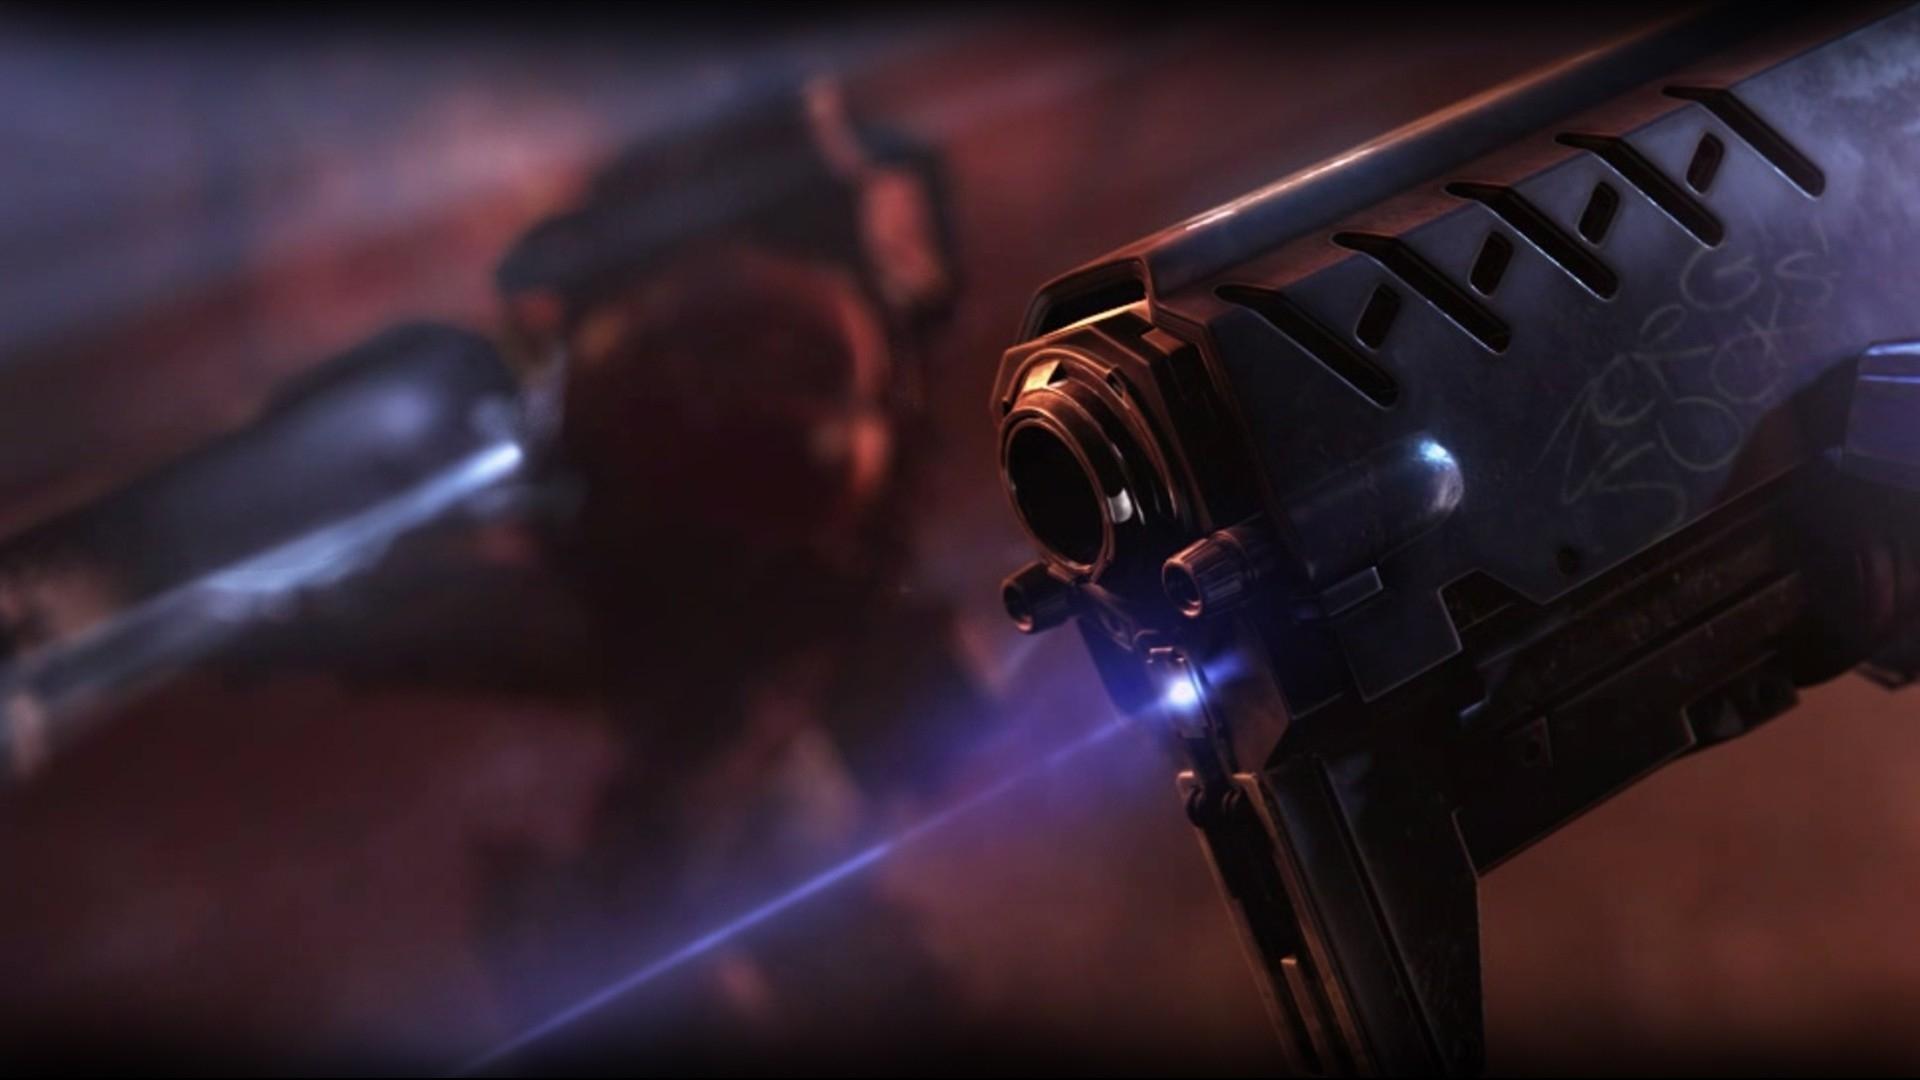 Download Wallpaper 1920x1080 Starcraft Gun Lazer Soldier Full HD 1080p Background